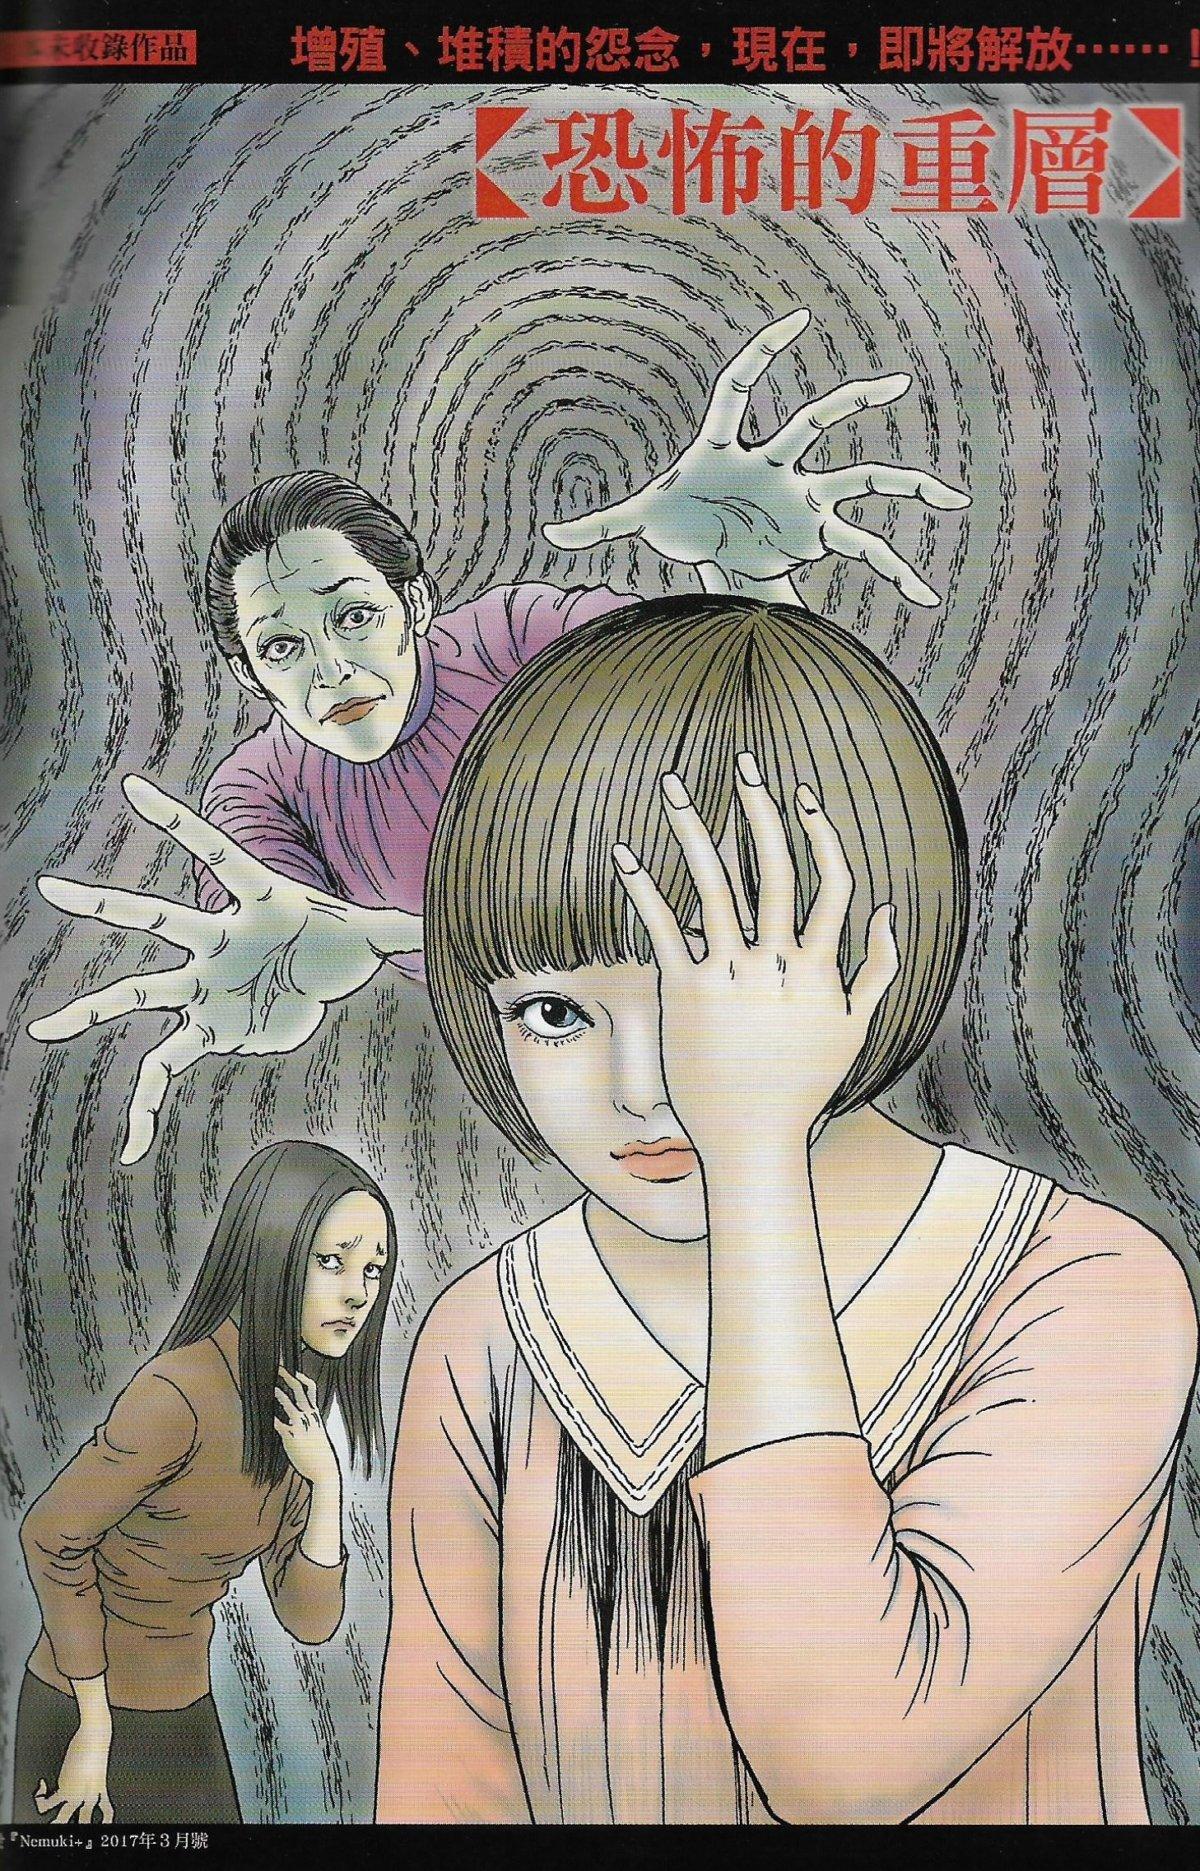 《恐怖的重層》卷頭彩頁